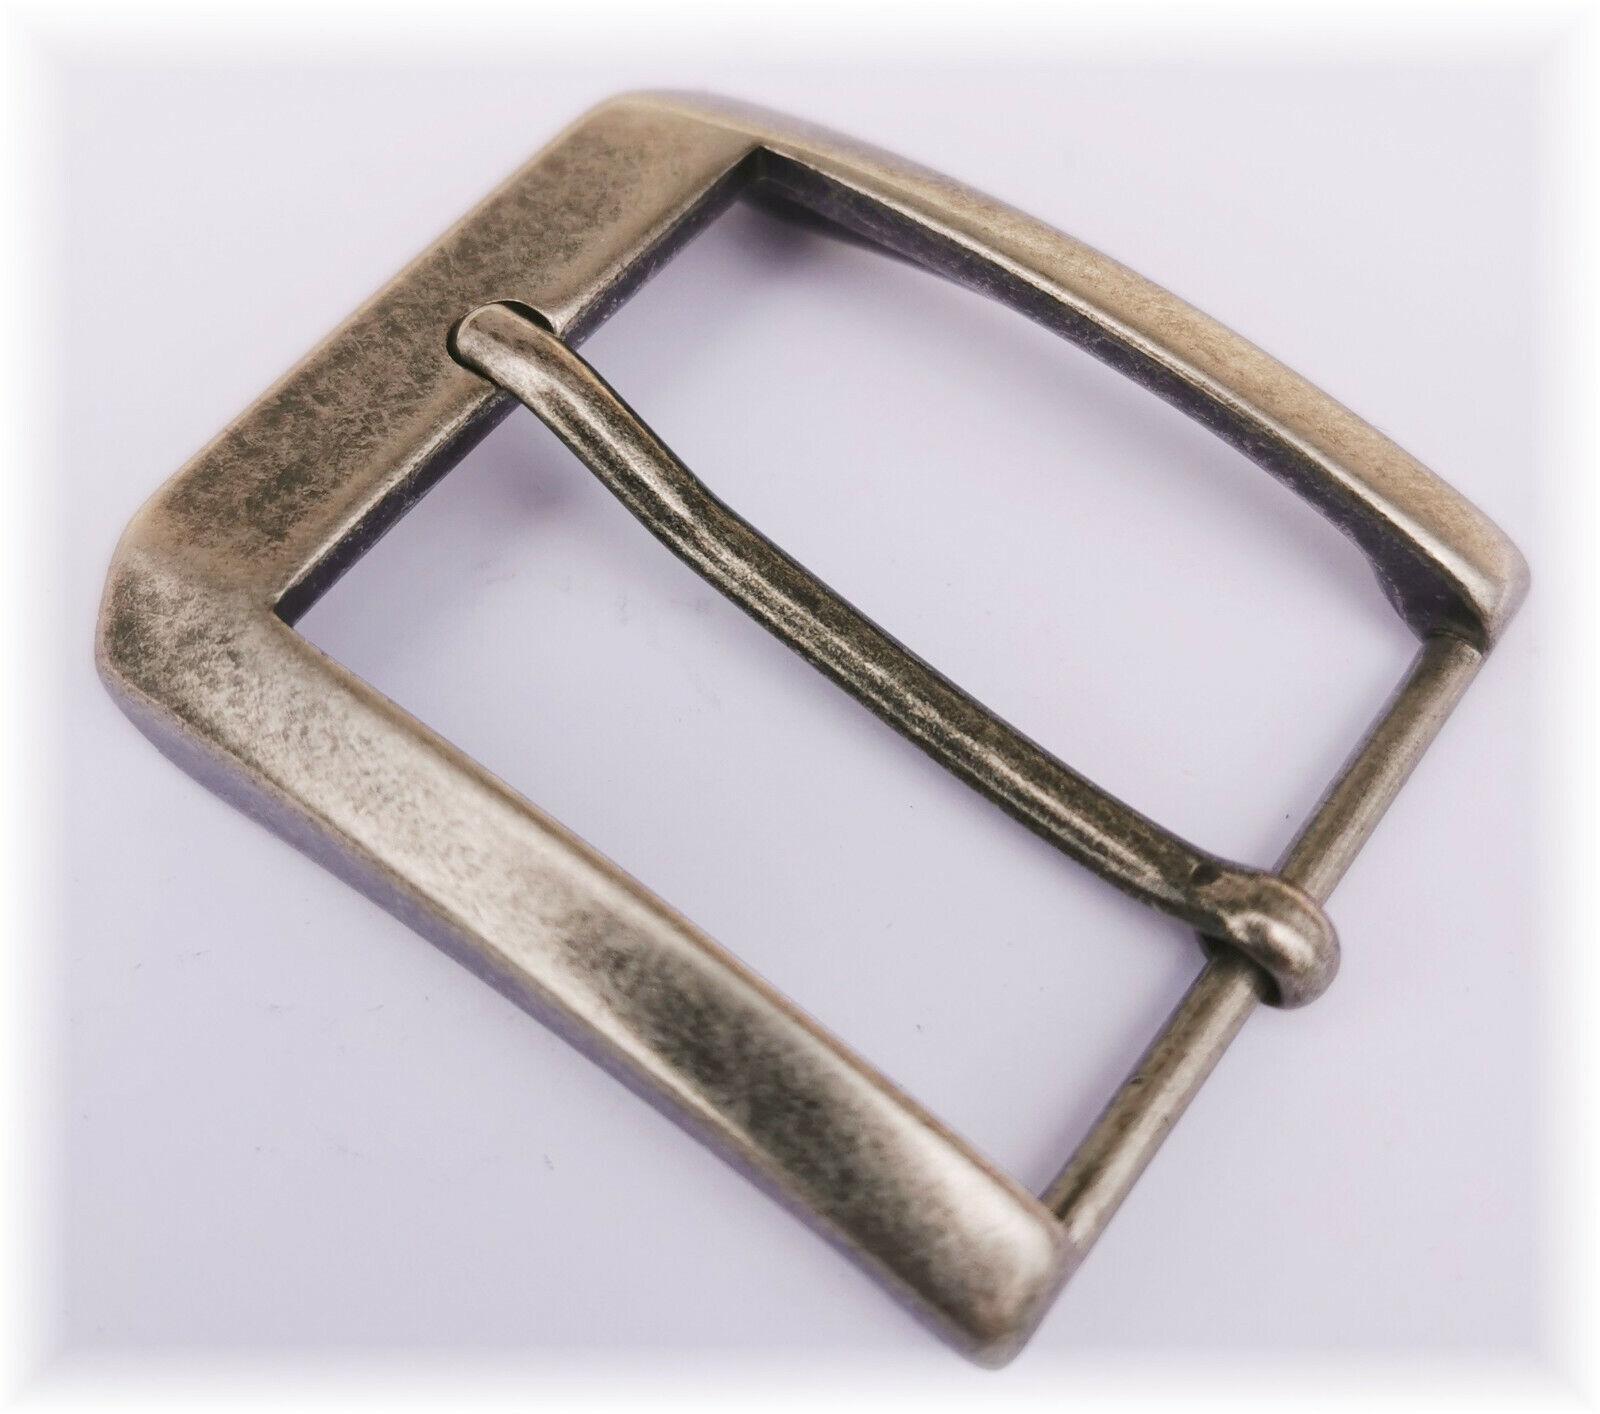 Gürtelschnalle Gürtelschliesse für 3,5 cm Wechselgürtel Schließe NICKELFREI